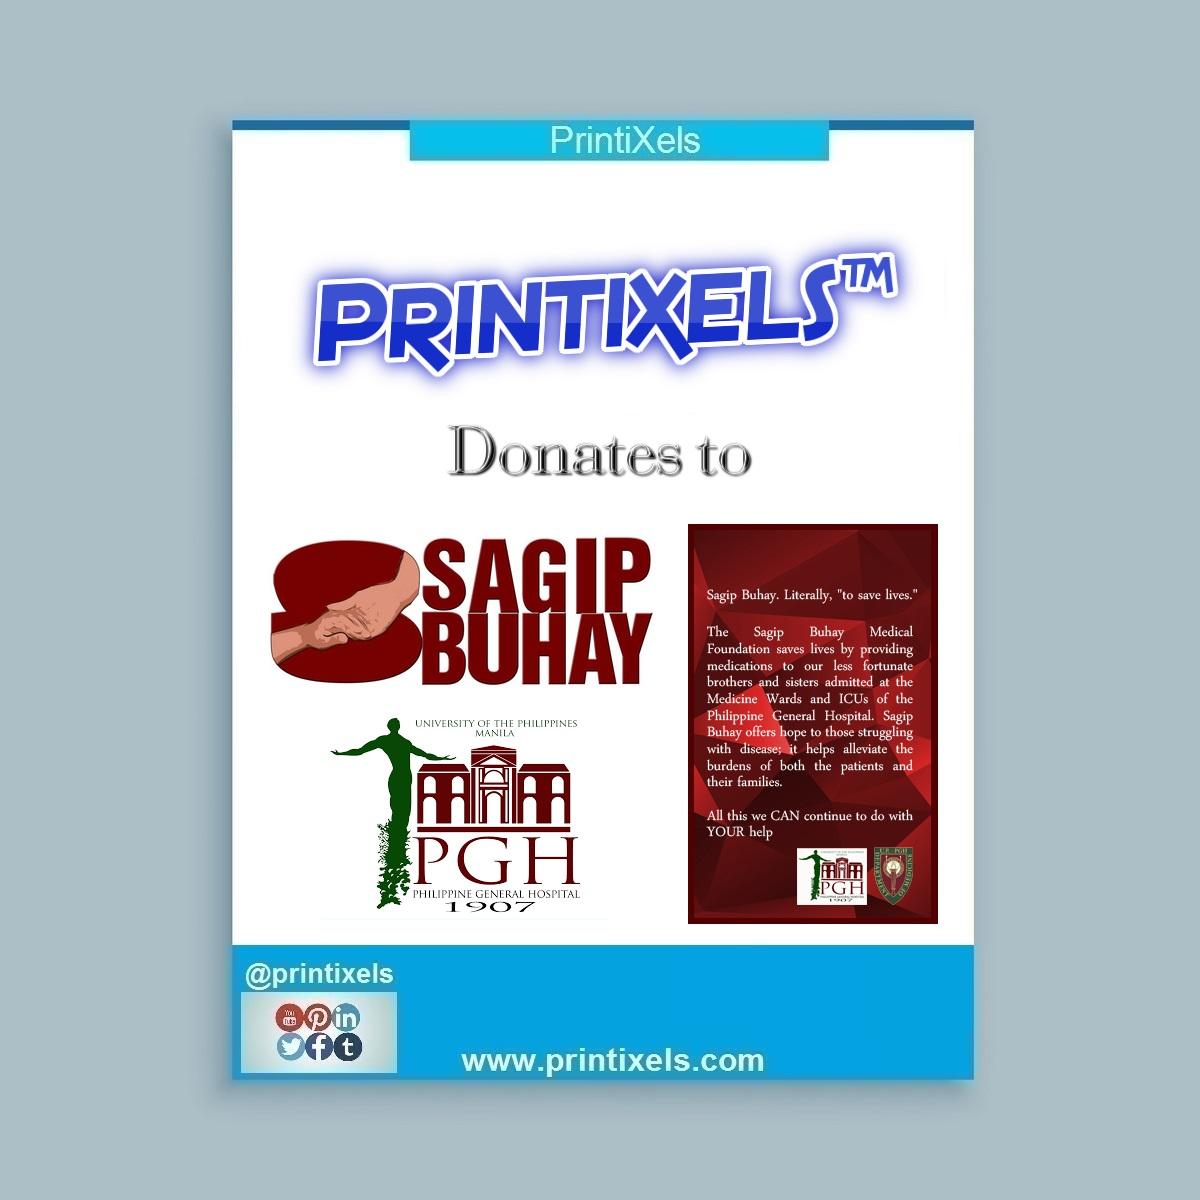 Printixels Donates to UP-PGH Sagip Buhay Medical Foundation